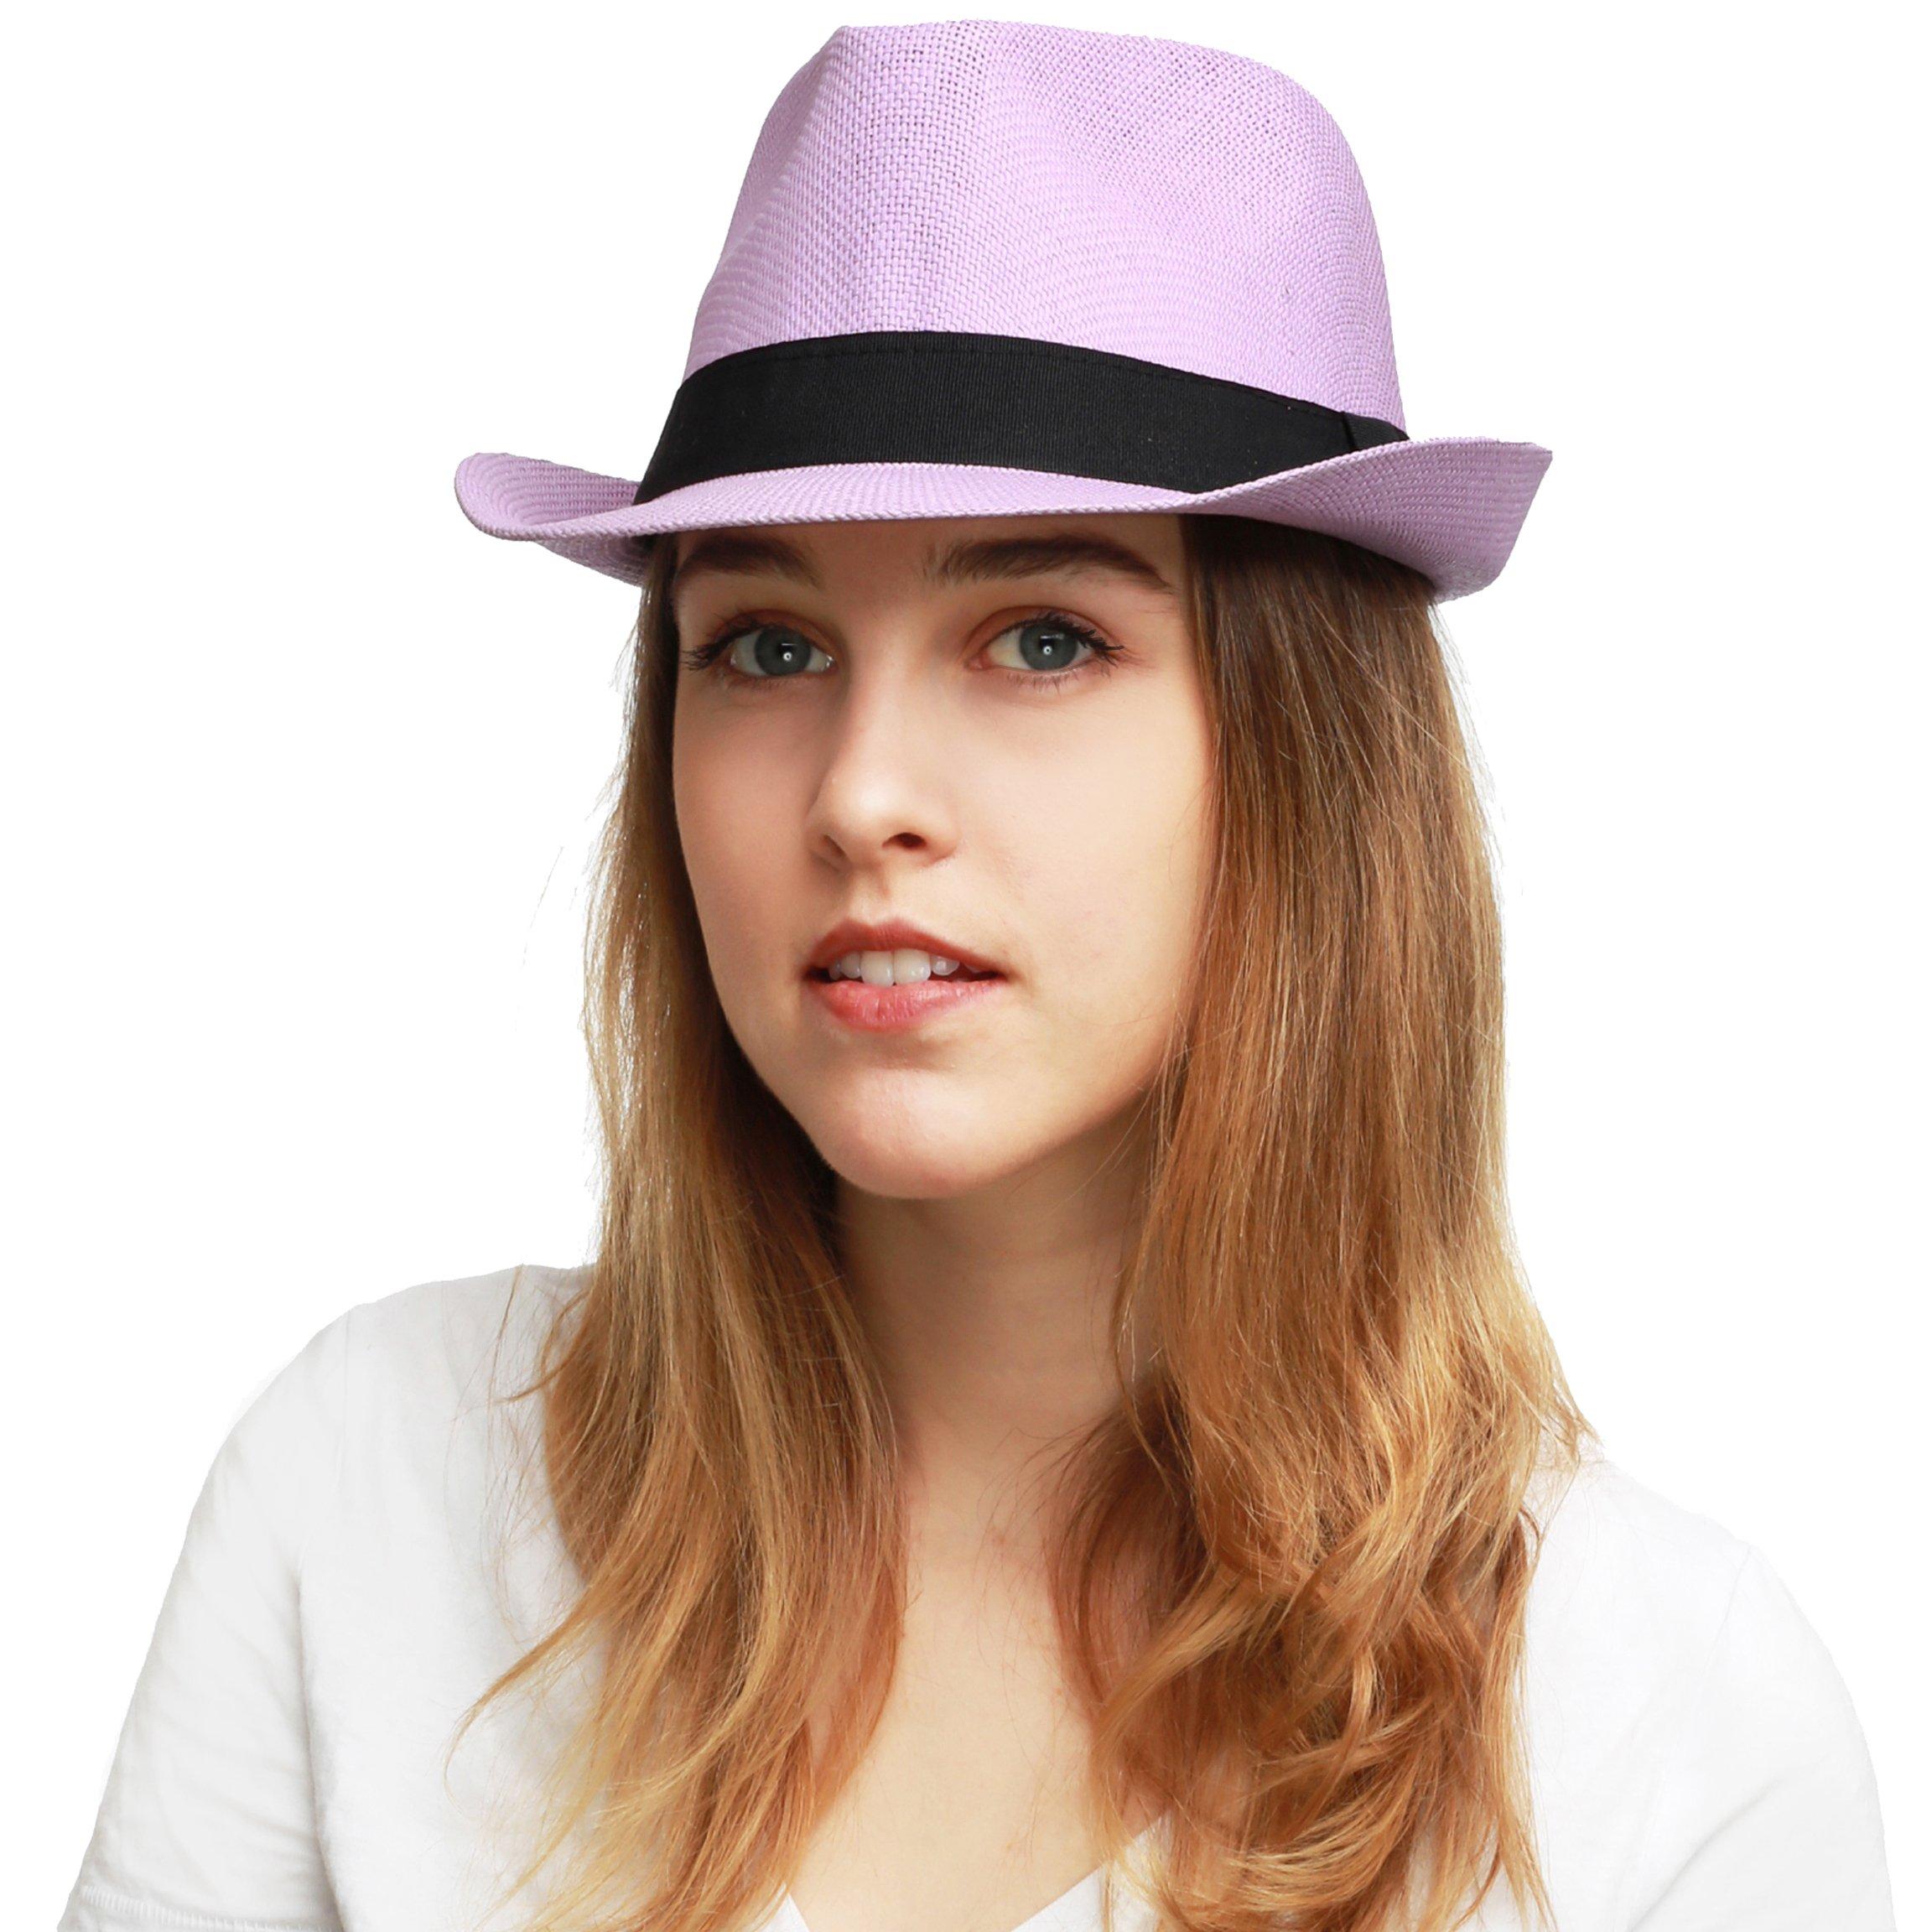 THE HAT DEPOT Unisex Summer Short Brim Straw Fedora Hat (Lavender)